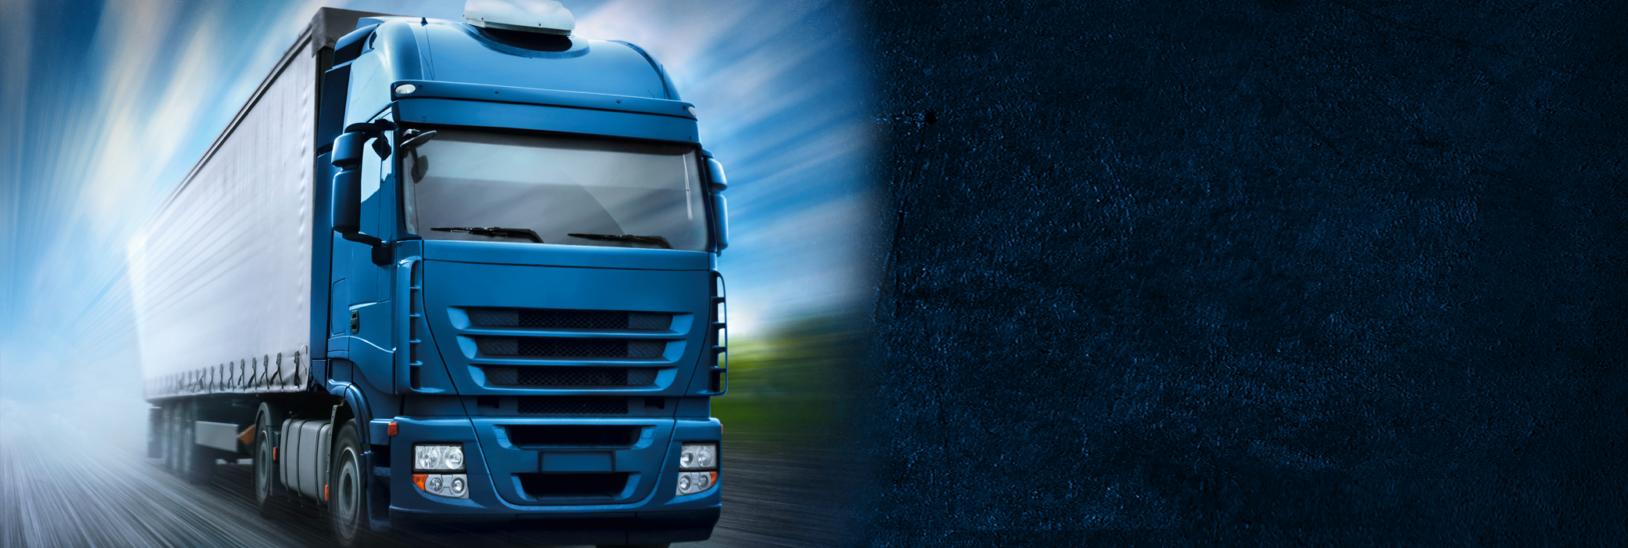 Neue Lenk- und Ruhezeitenbestimmungen für Lkw-Fahrer